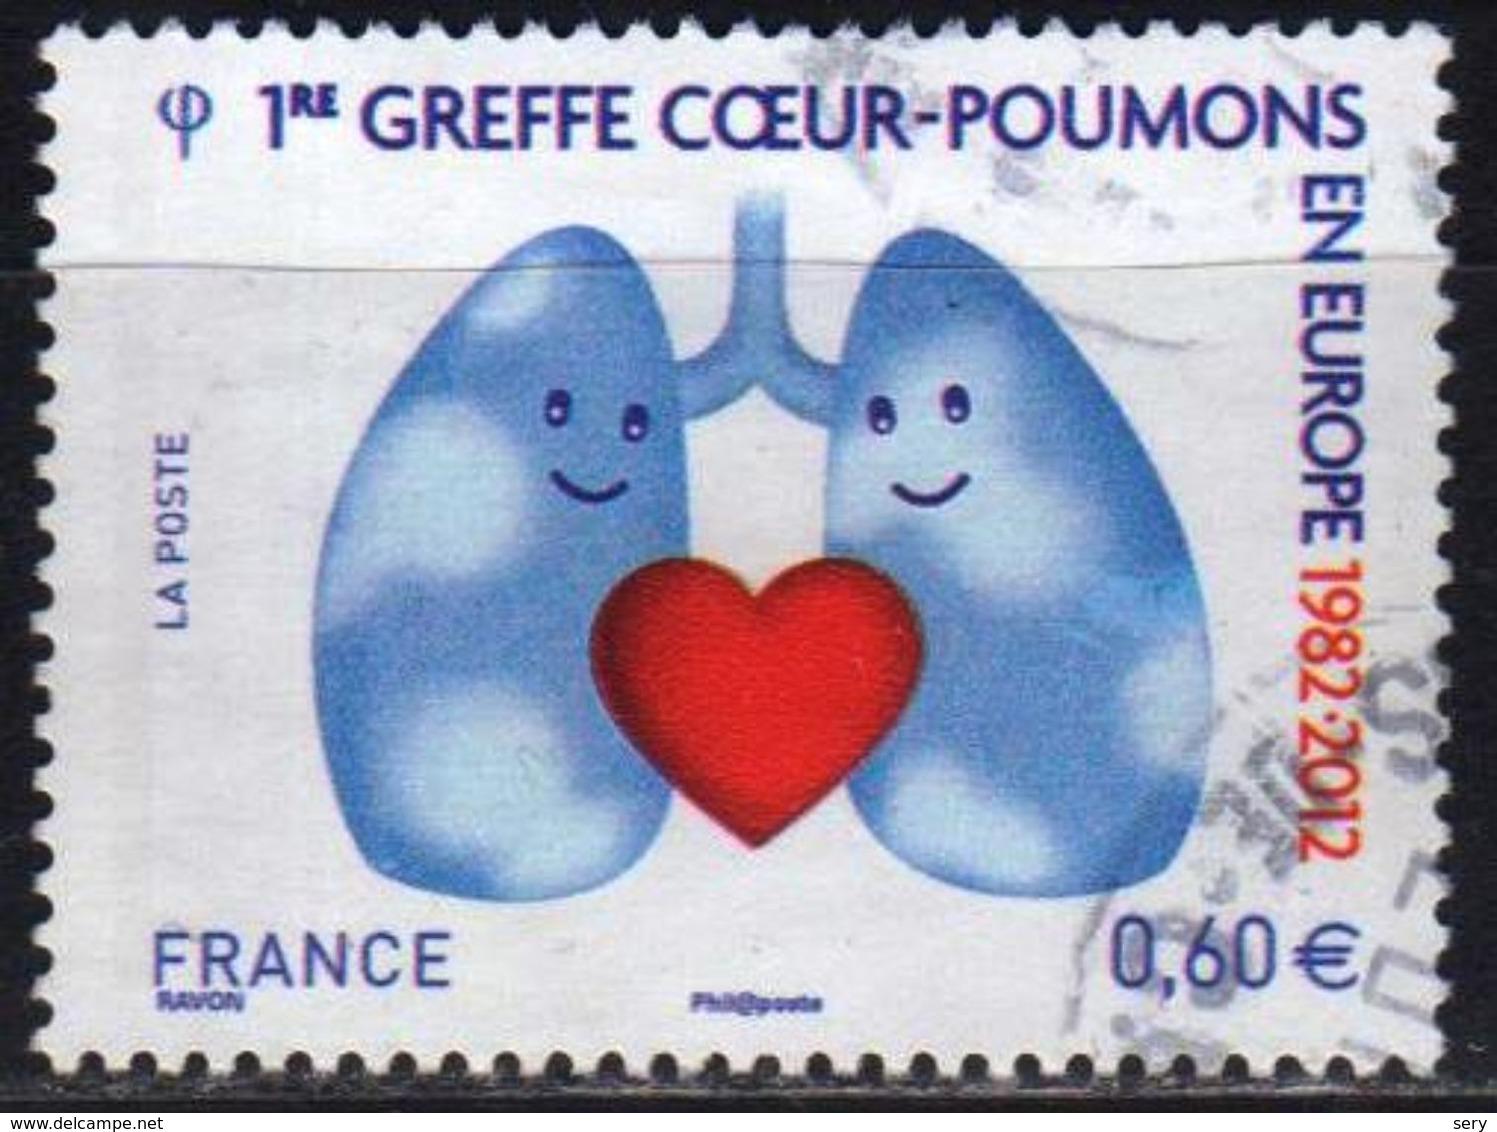 France 2012 1 V Used  1e Greffe Coeur-poumons En Europe - Medicina